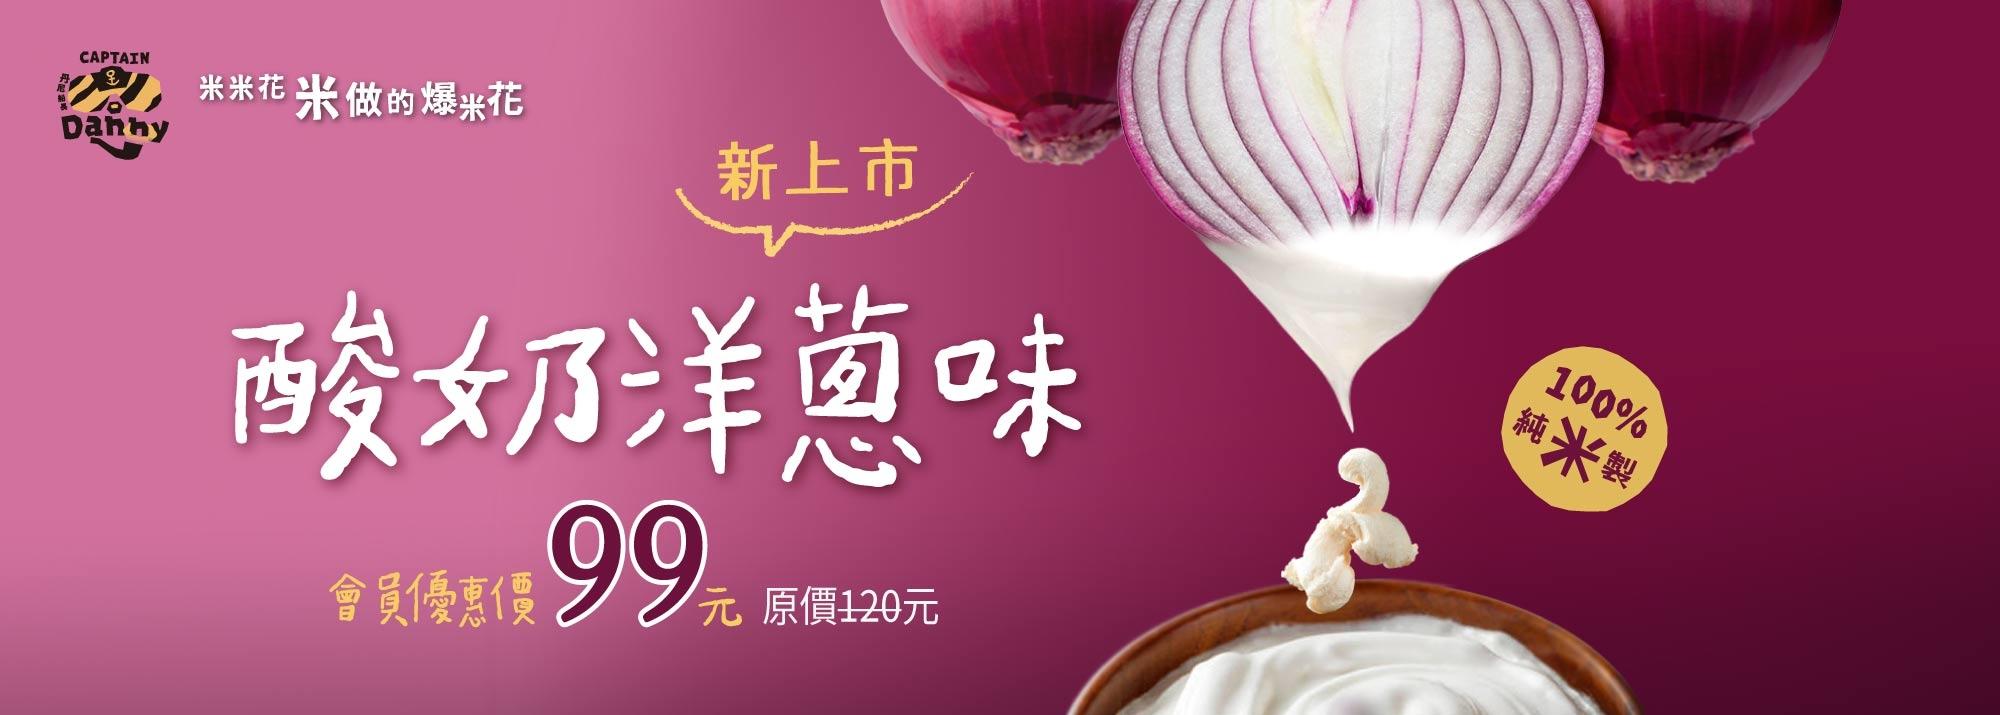 米米花_米的爆米花_爆米花_丹尼船長-酸奶洋蔥味-新品上市